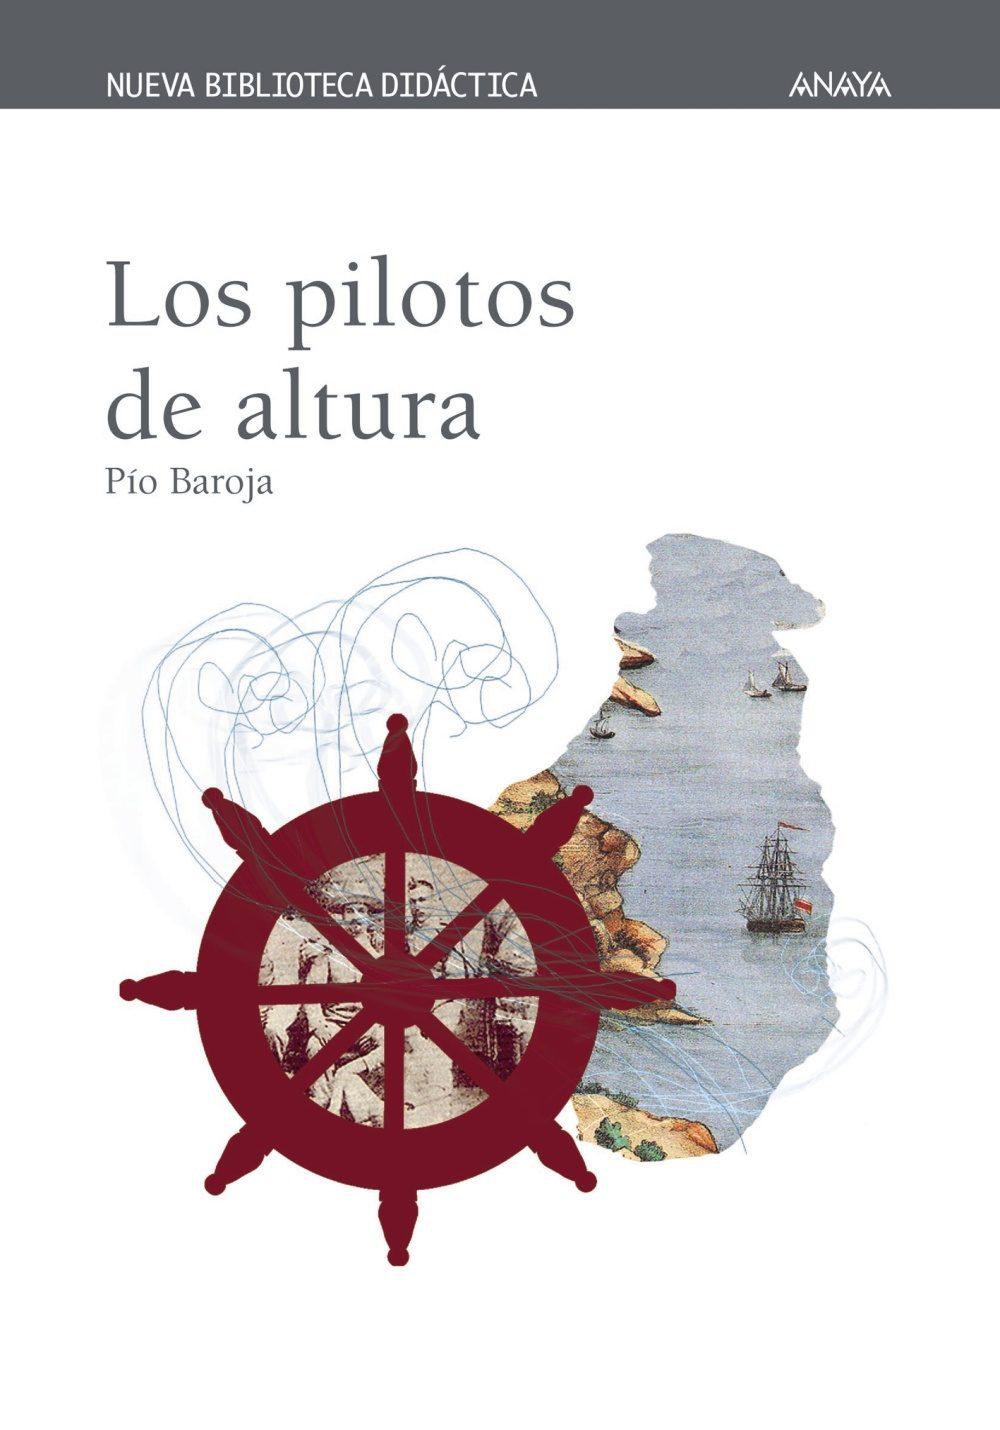 los pilotos de altura-pio baroja-9788466716819